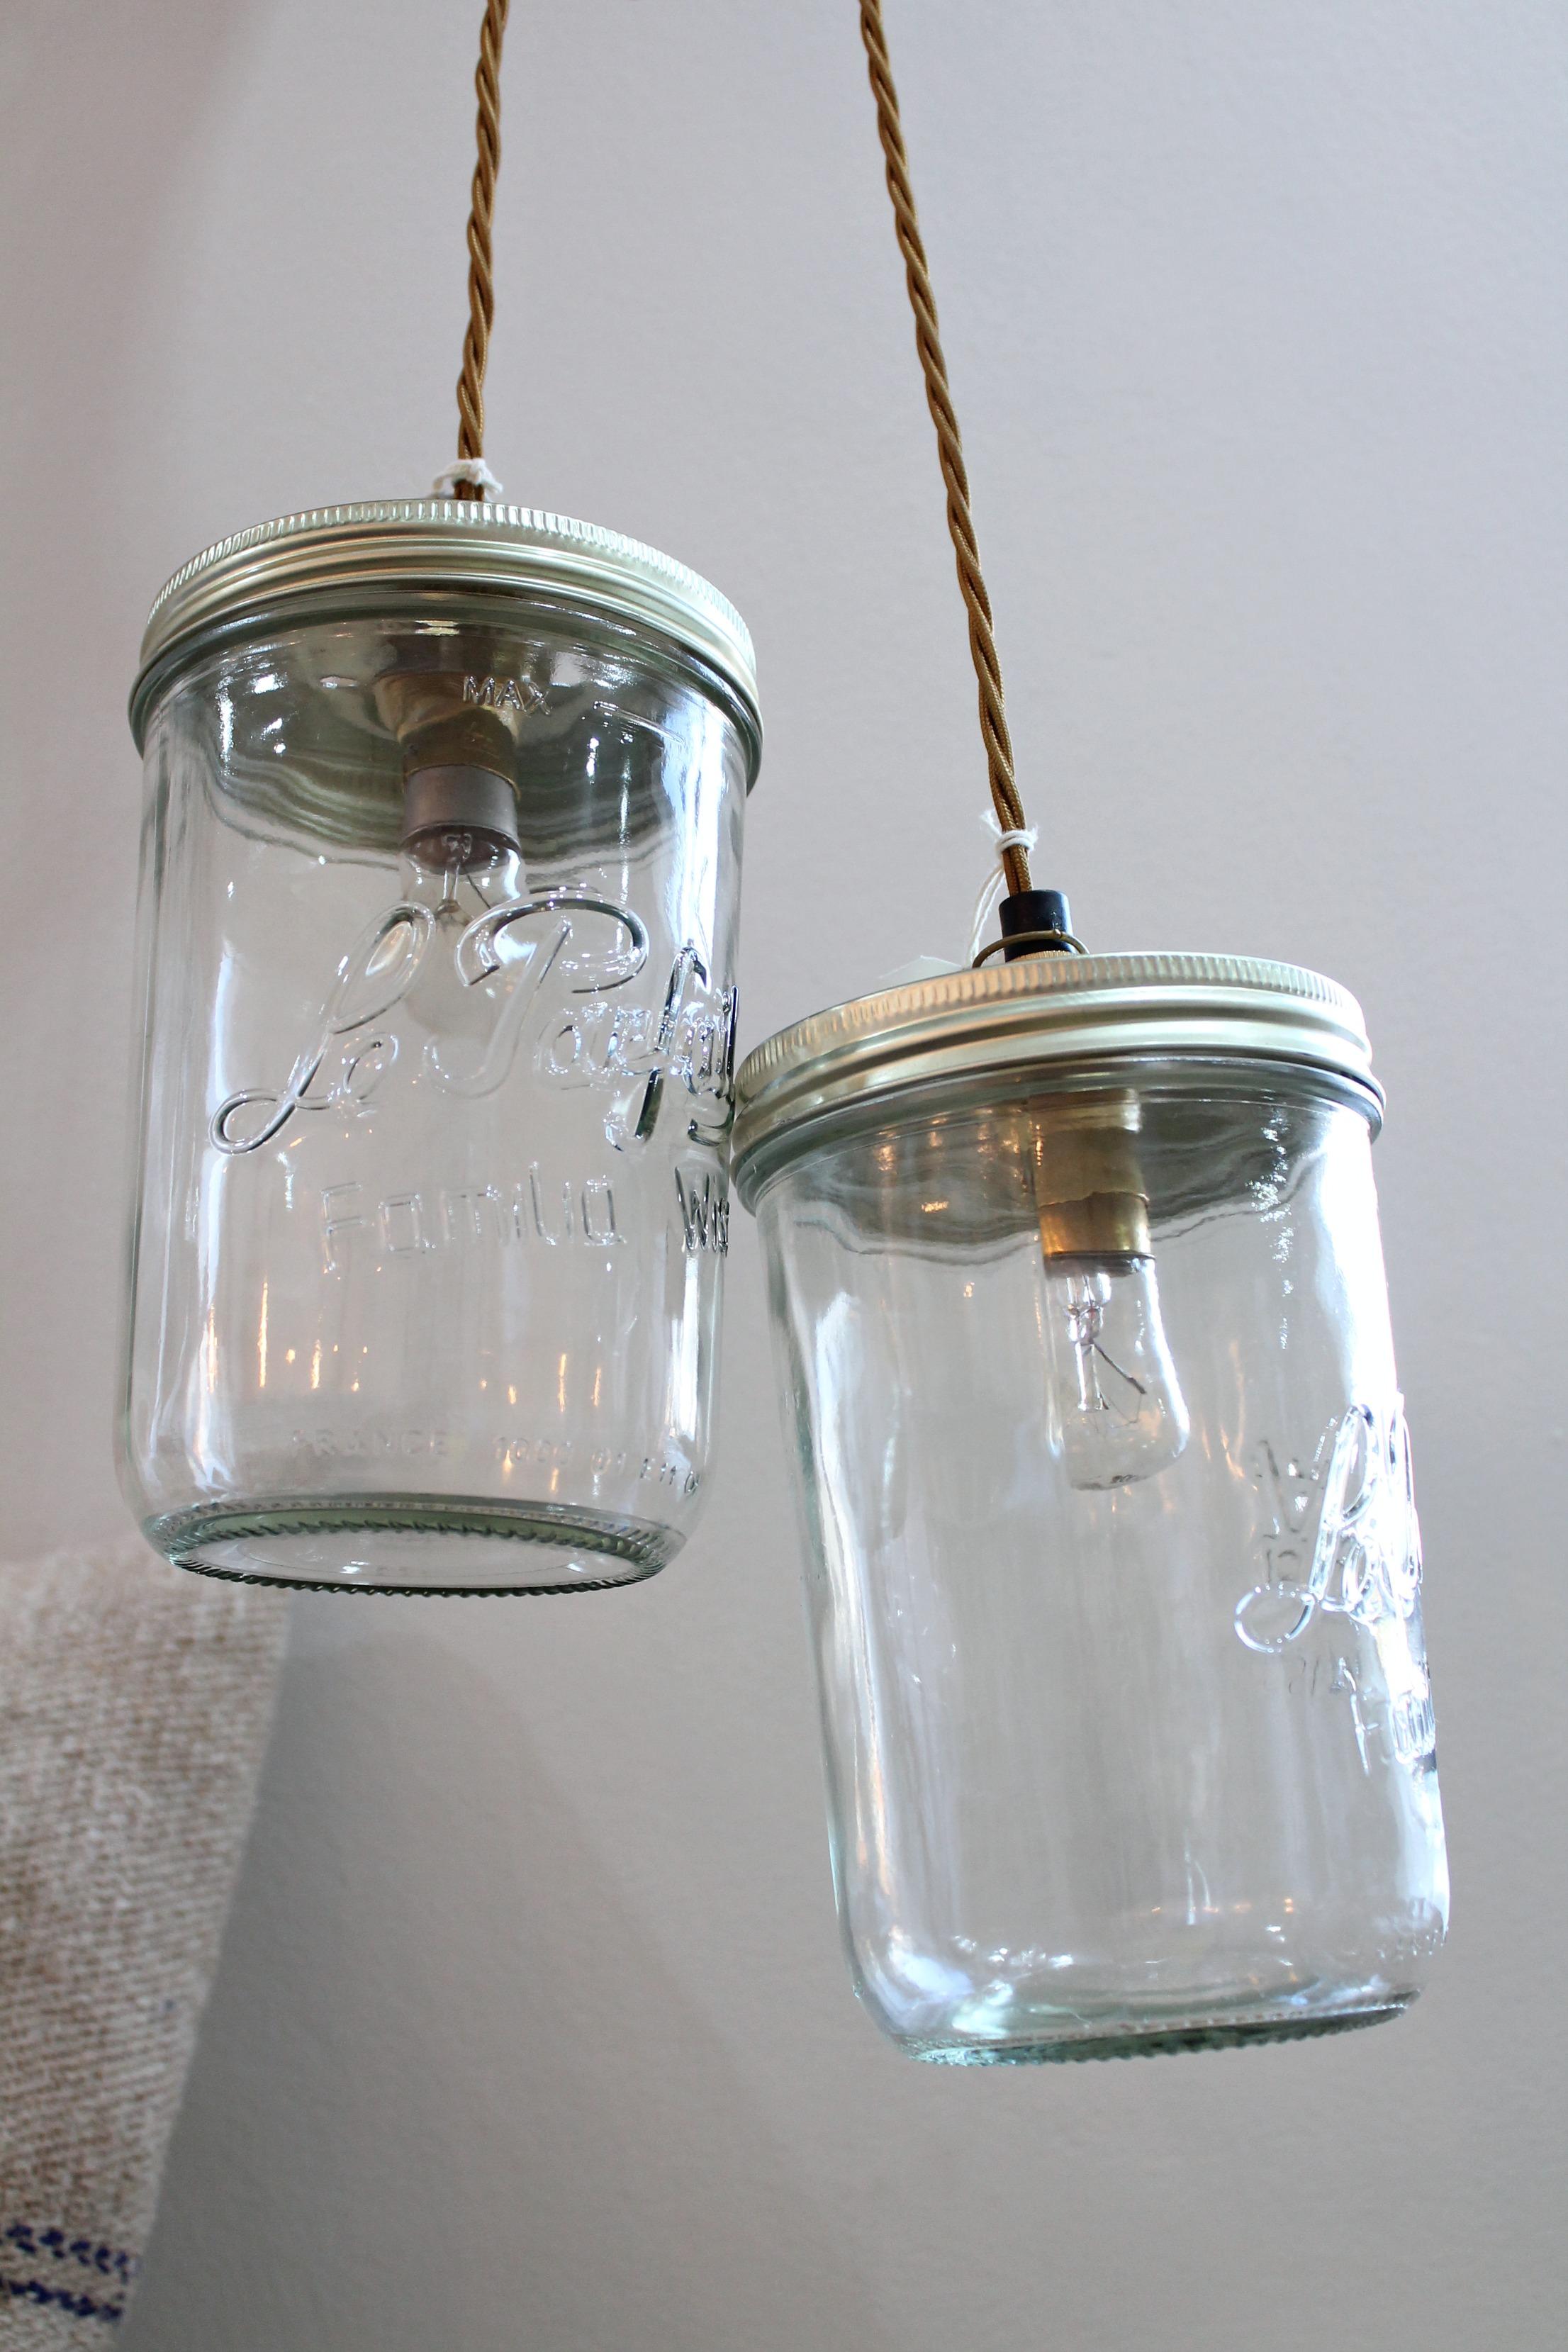 Jar-lights-Workshop-Brighton-Photo-taken-by-Geraldine-Tan-Little-Big-Bell.jpg